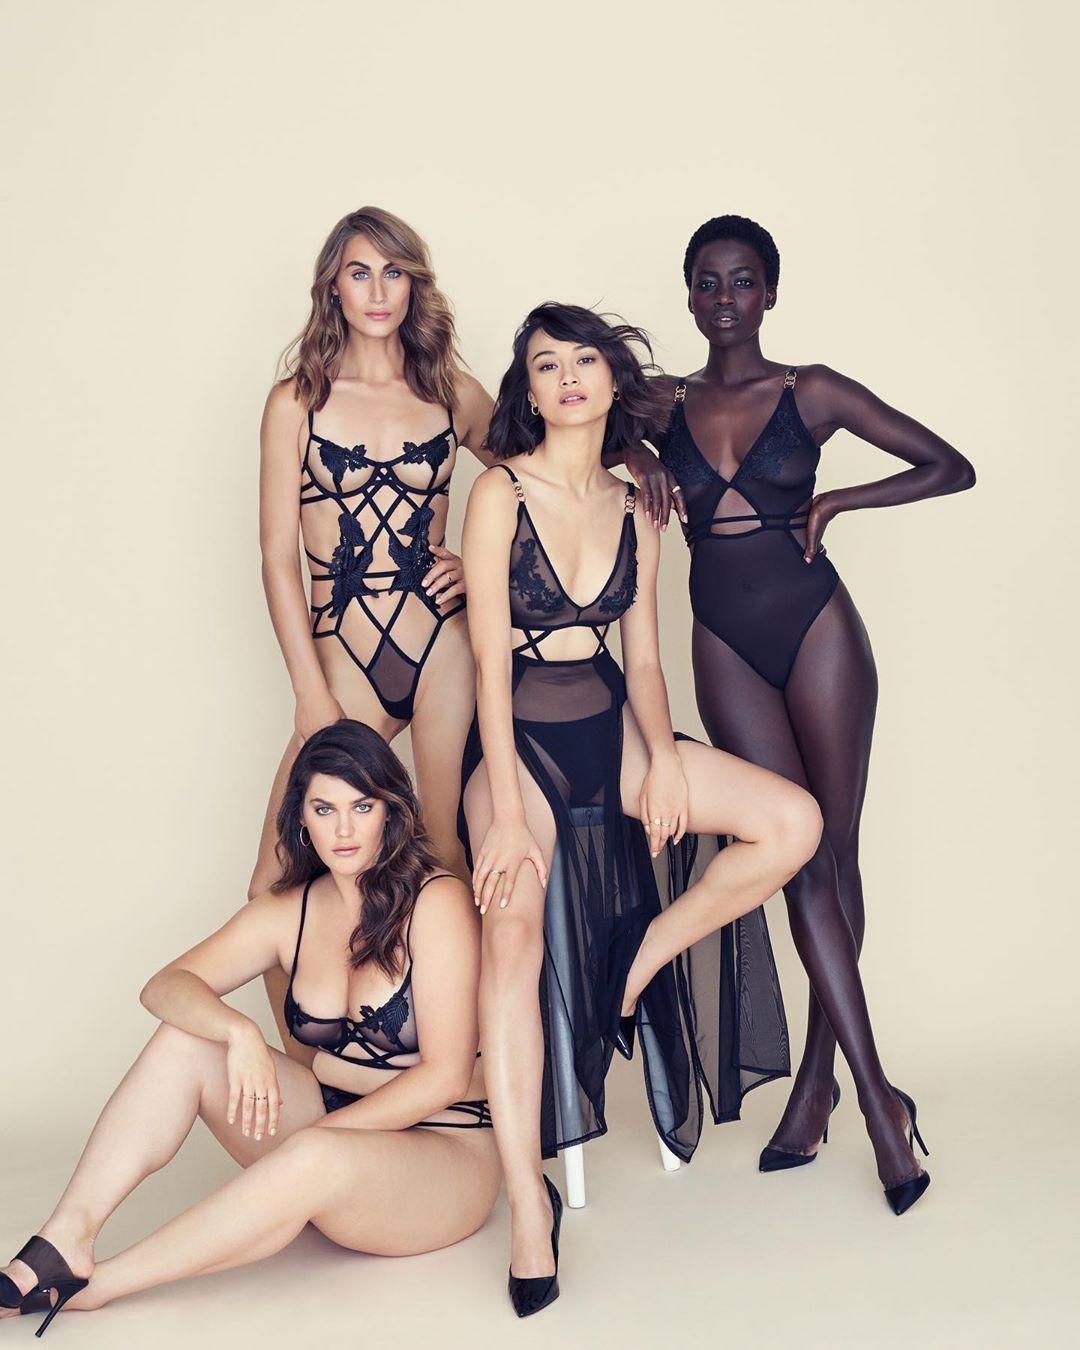 Рекламная кампания Victoria's Secret, 2019 год